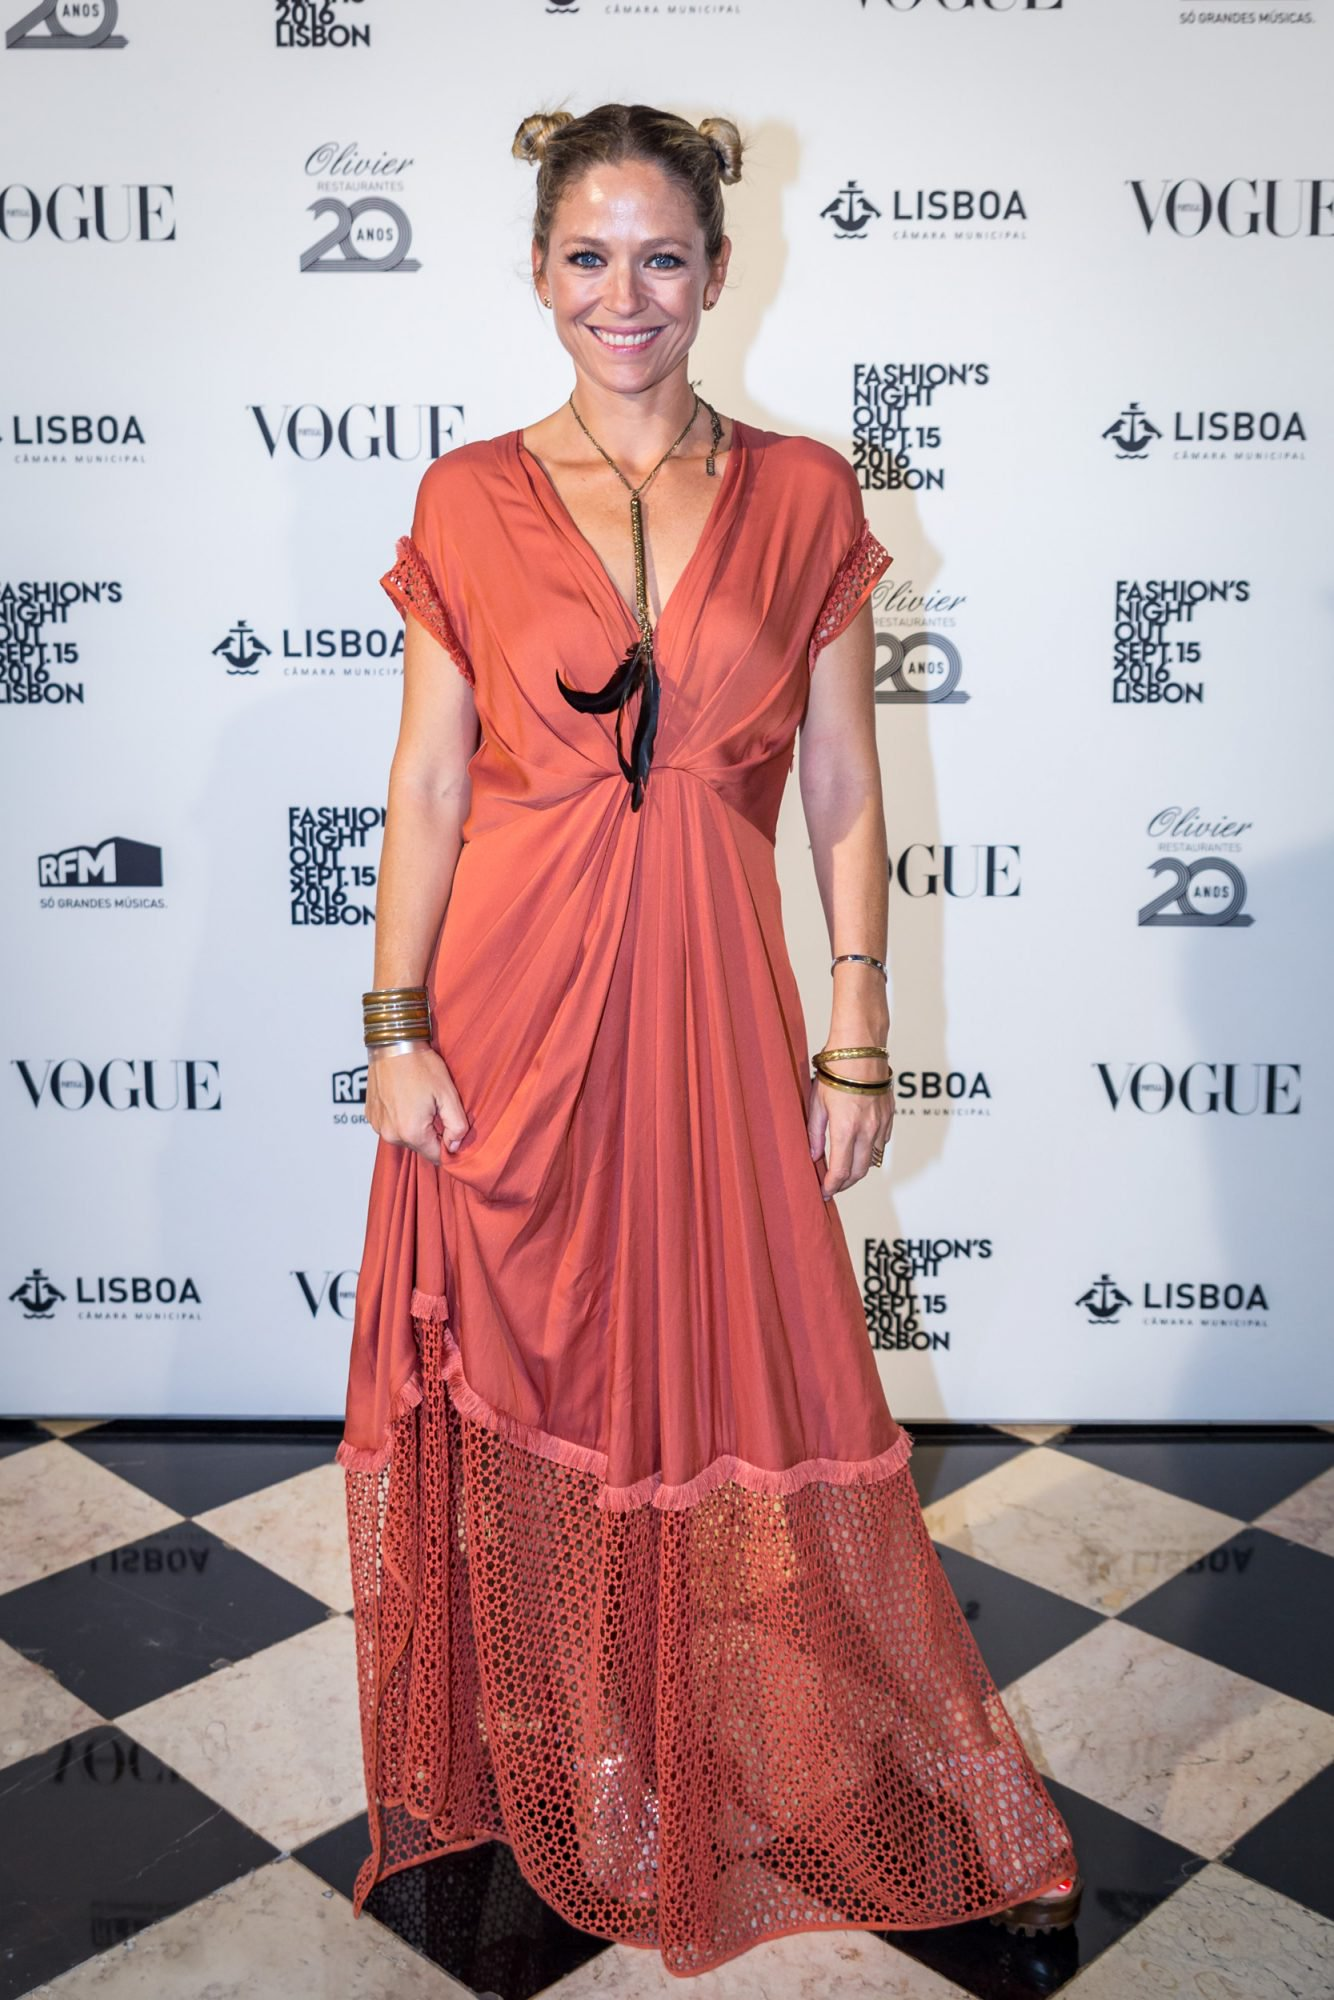 Os melhores looks da Vogue Fashion's Night Out – Observador